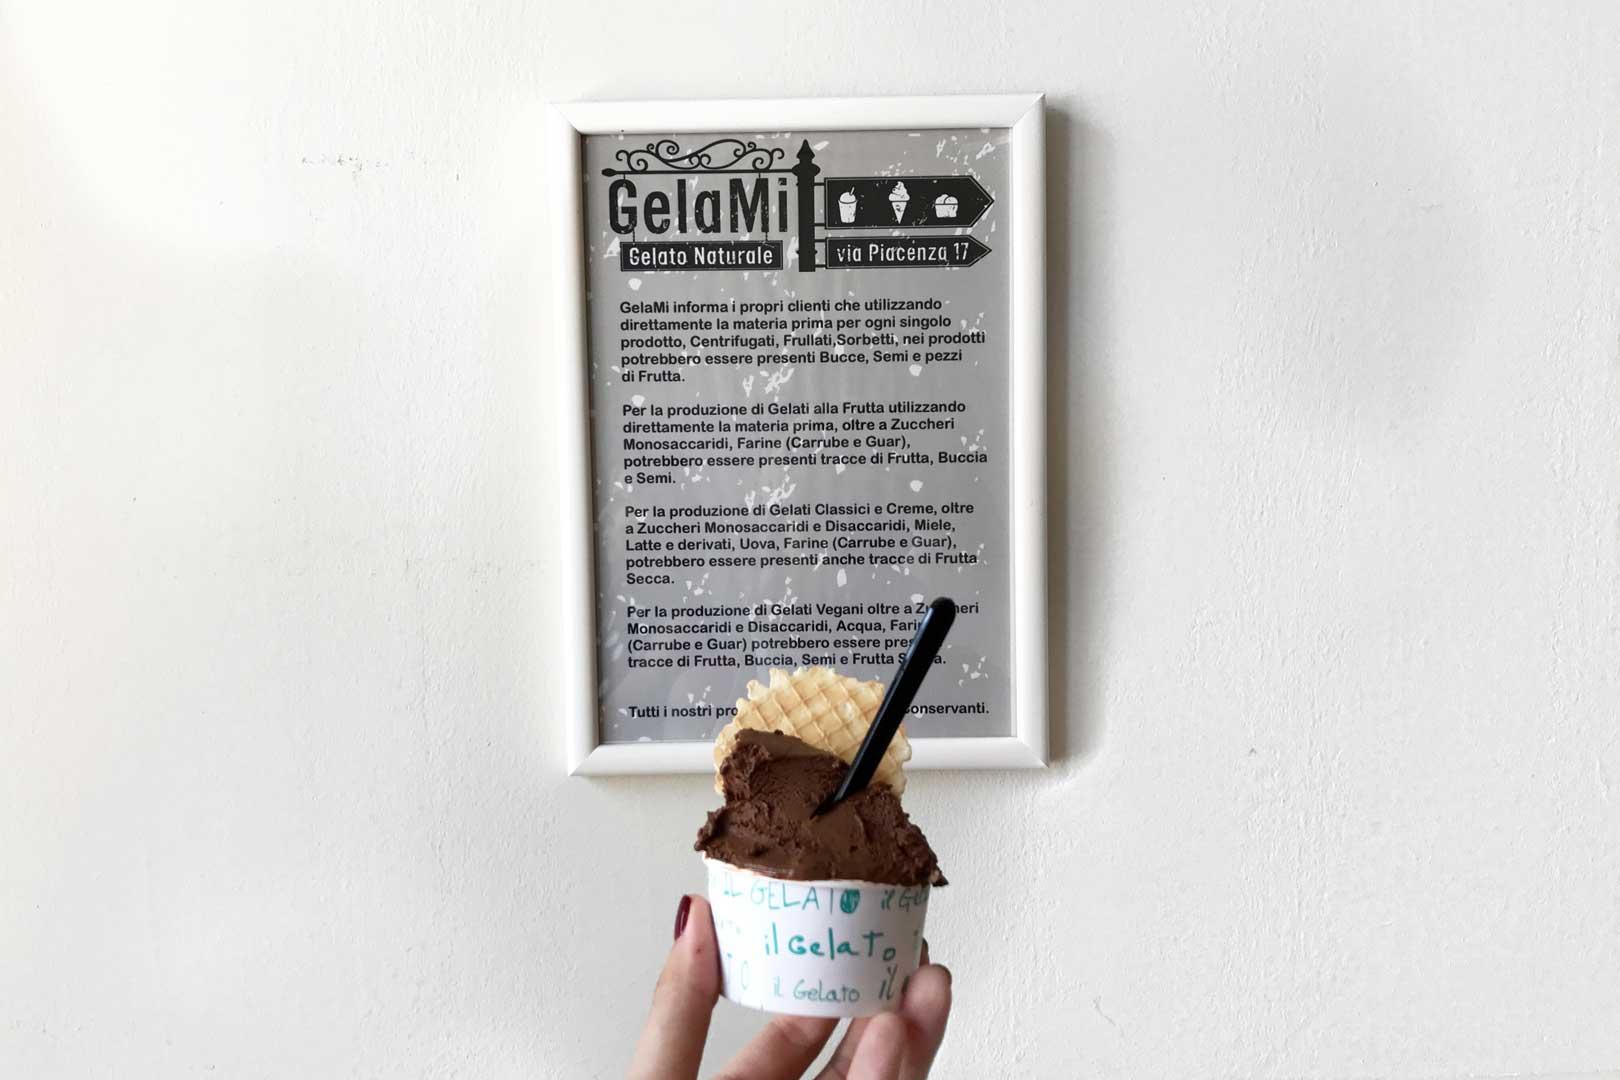 Gelateria GelaMi - Coppetta Strafondente e Banana al Cioccolato